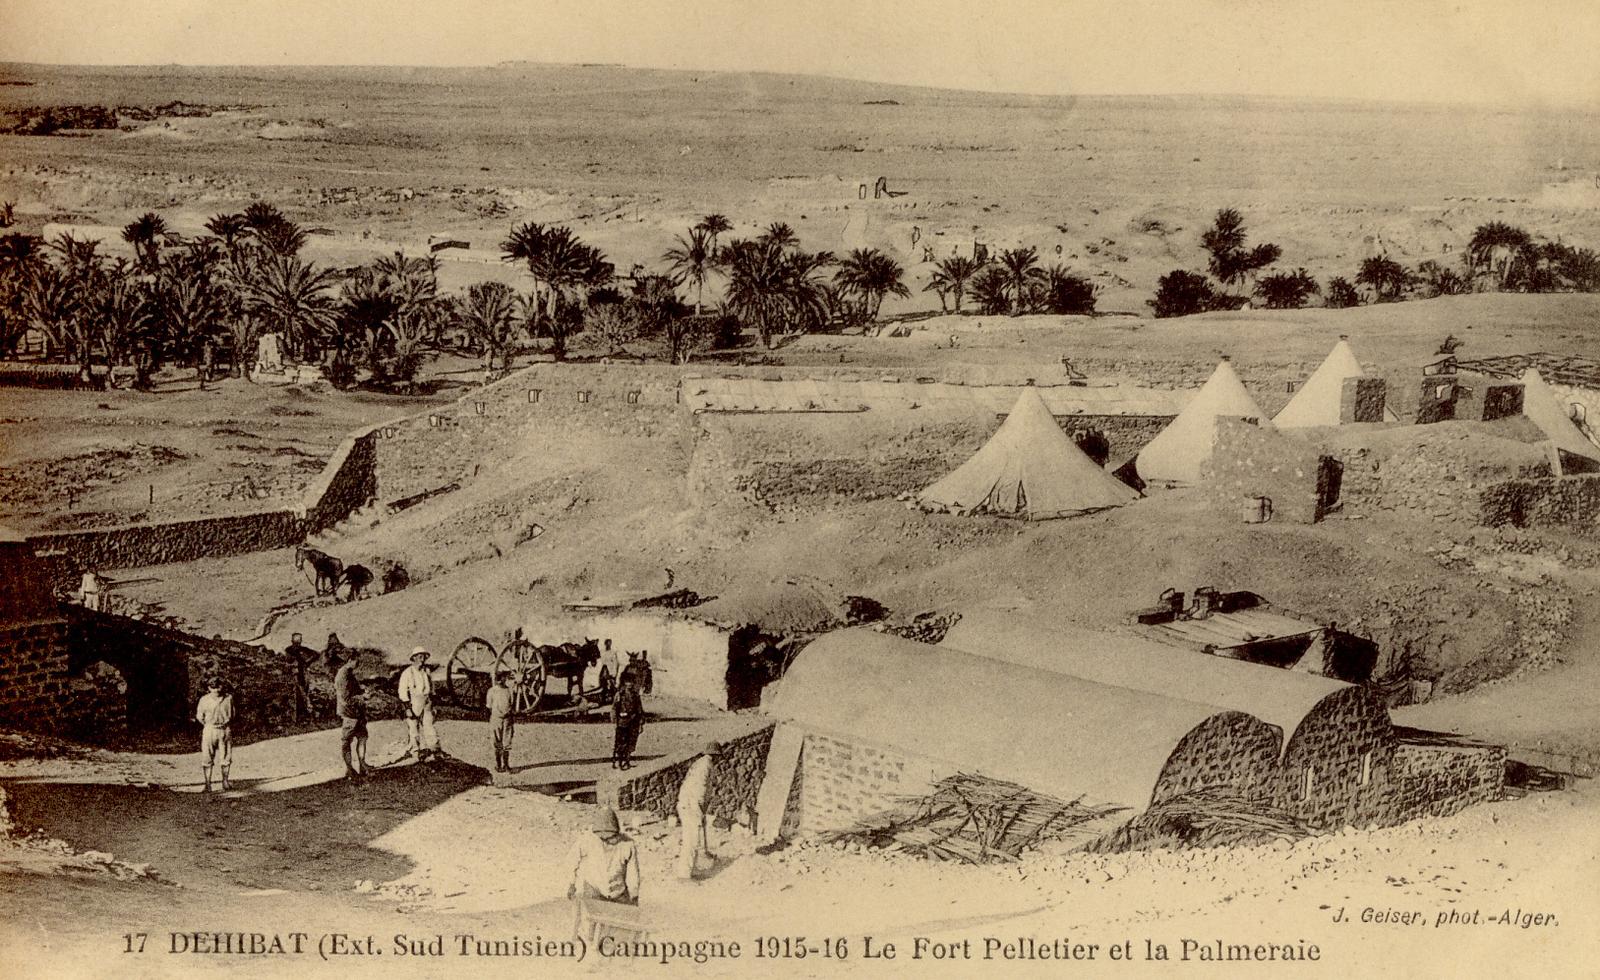 Dehibat -  DEHIBAT (extrême sud Tunisien) Campagne 1915-16, le Fort Pelletier et la palmeraie